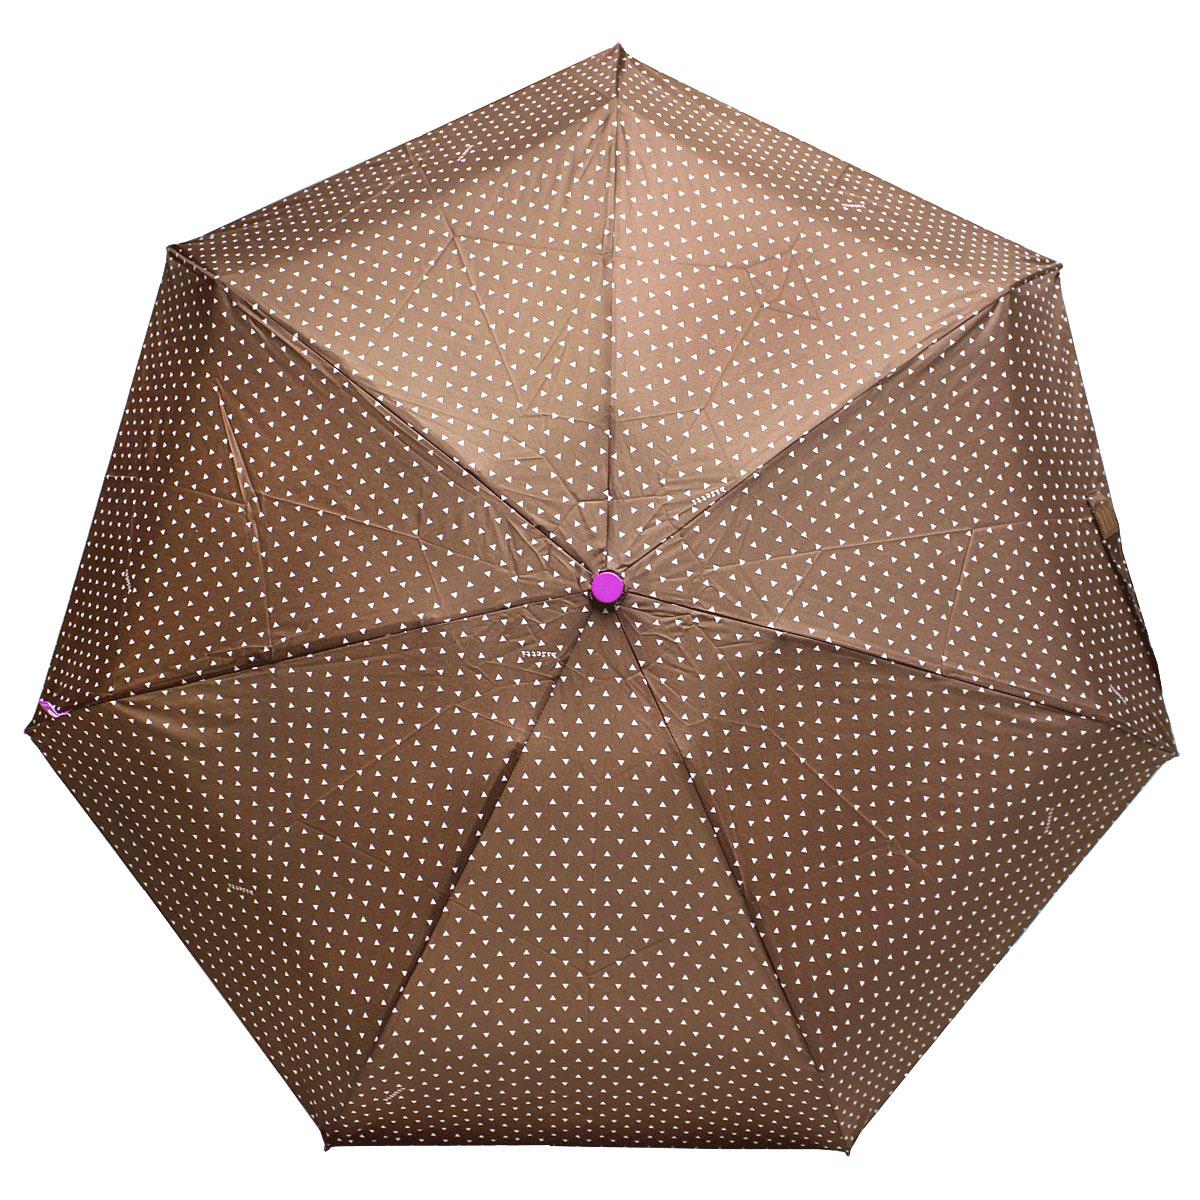 Зонт женский Bisetti, цвет: коричневый. 3598-33598-3Стильный зонт автомат испанского производителя Bisetti даже в ненастную погоду позволит вам оставаться элегантной. В производстве зонтов Bisetti используются современные материалы, что делает зонты легкими, но в то же время крепкими. Каркас зонта включает 7 спиц. Стержень изготовлен из стали, купол выполнен из прочного полиэстера. Зонт является механическим: купол открывается и закрывается вручную до характерного щелчка.